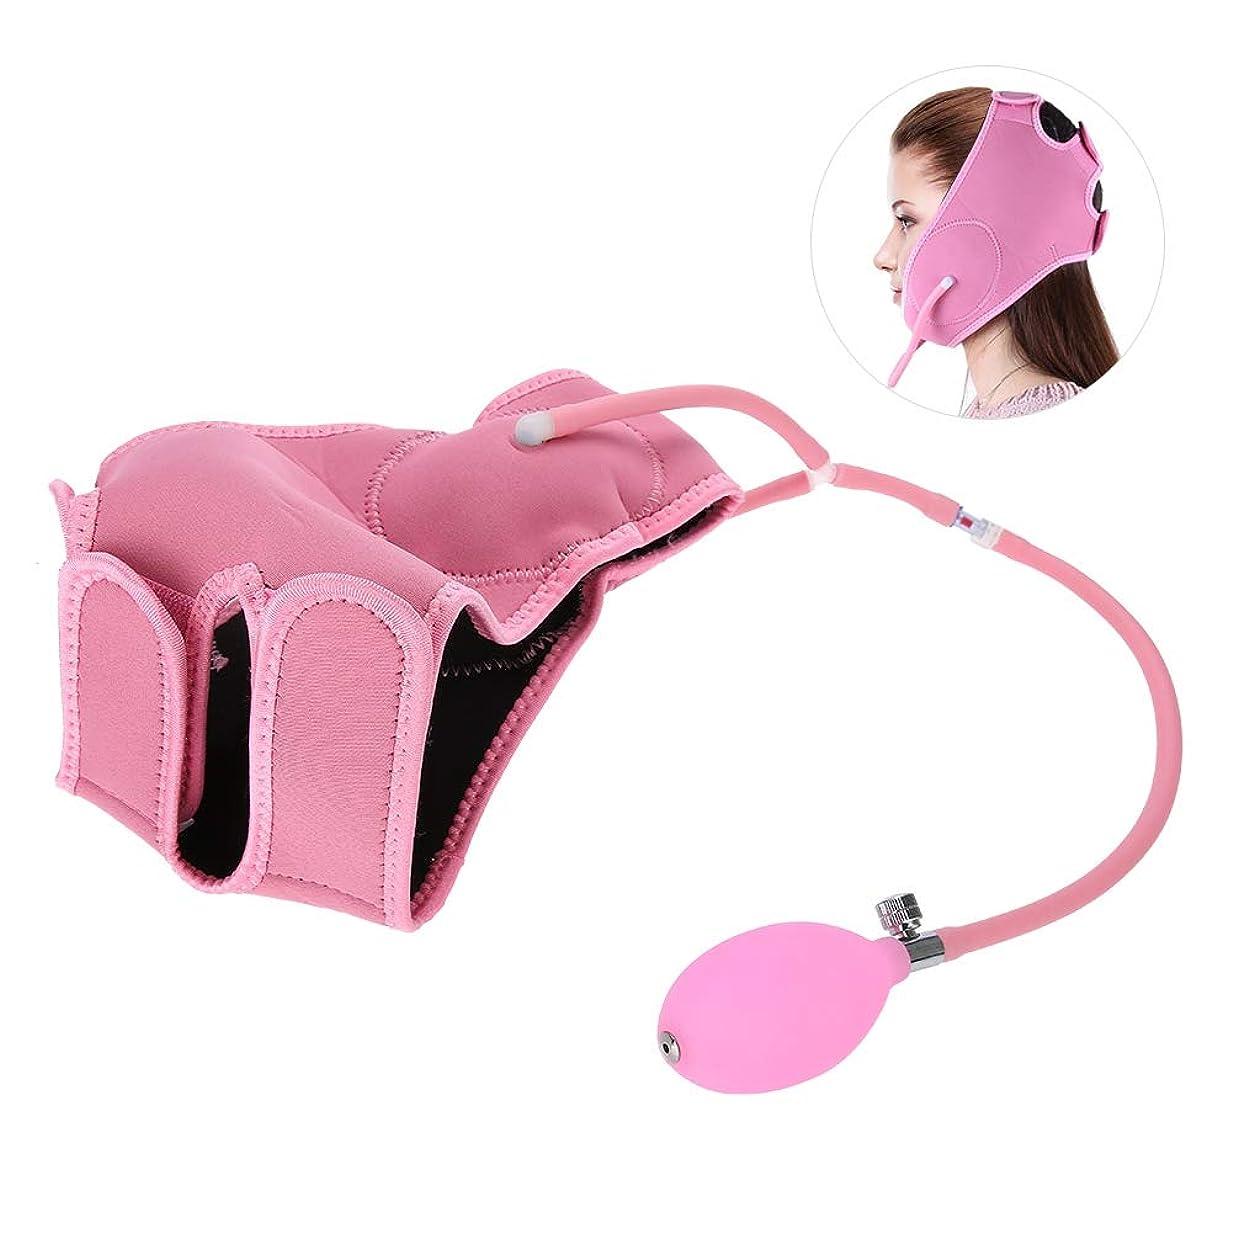 取り消す誰も人間エアバッグフェイシャルマスク - フェイスマッサージベルト - 包帯/薄いフェイスベルト - 美容ツールピンク